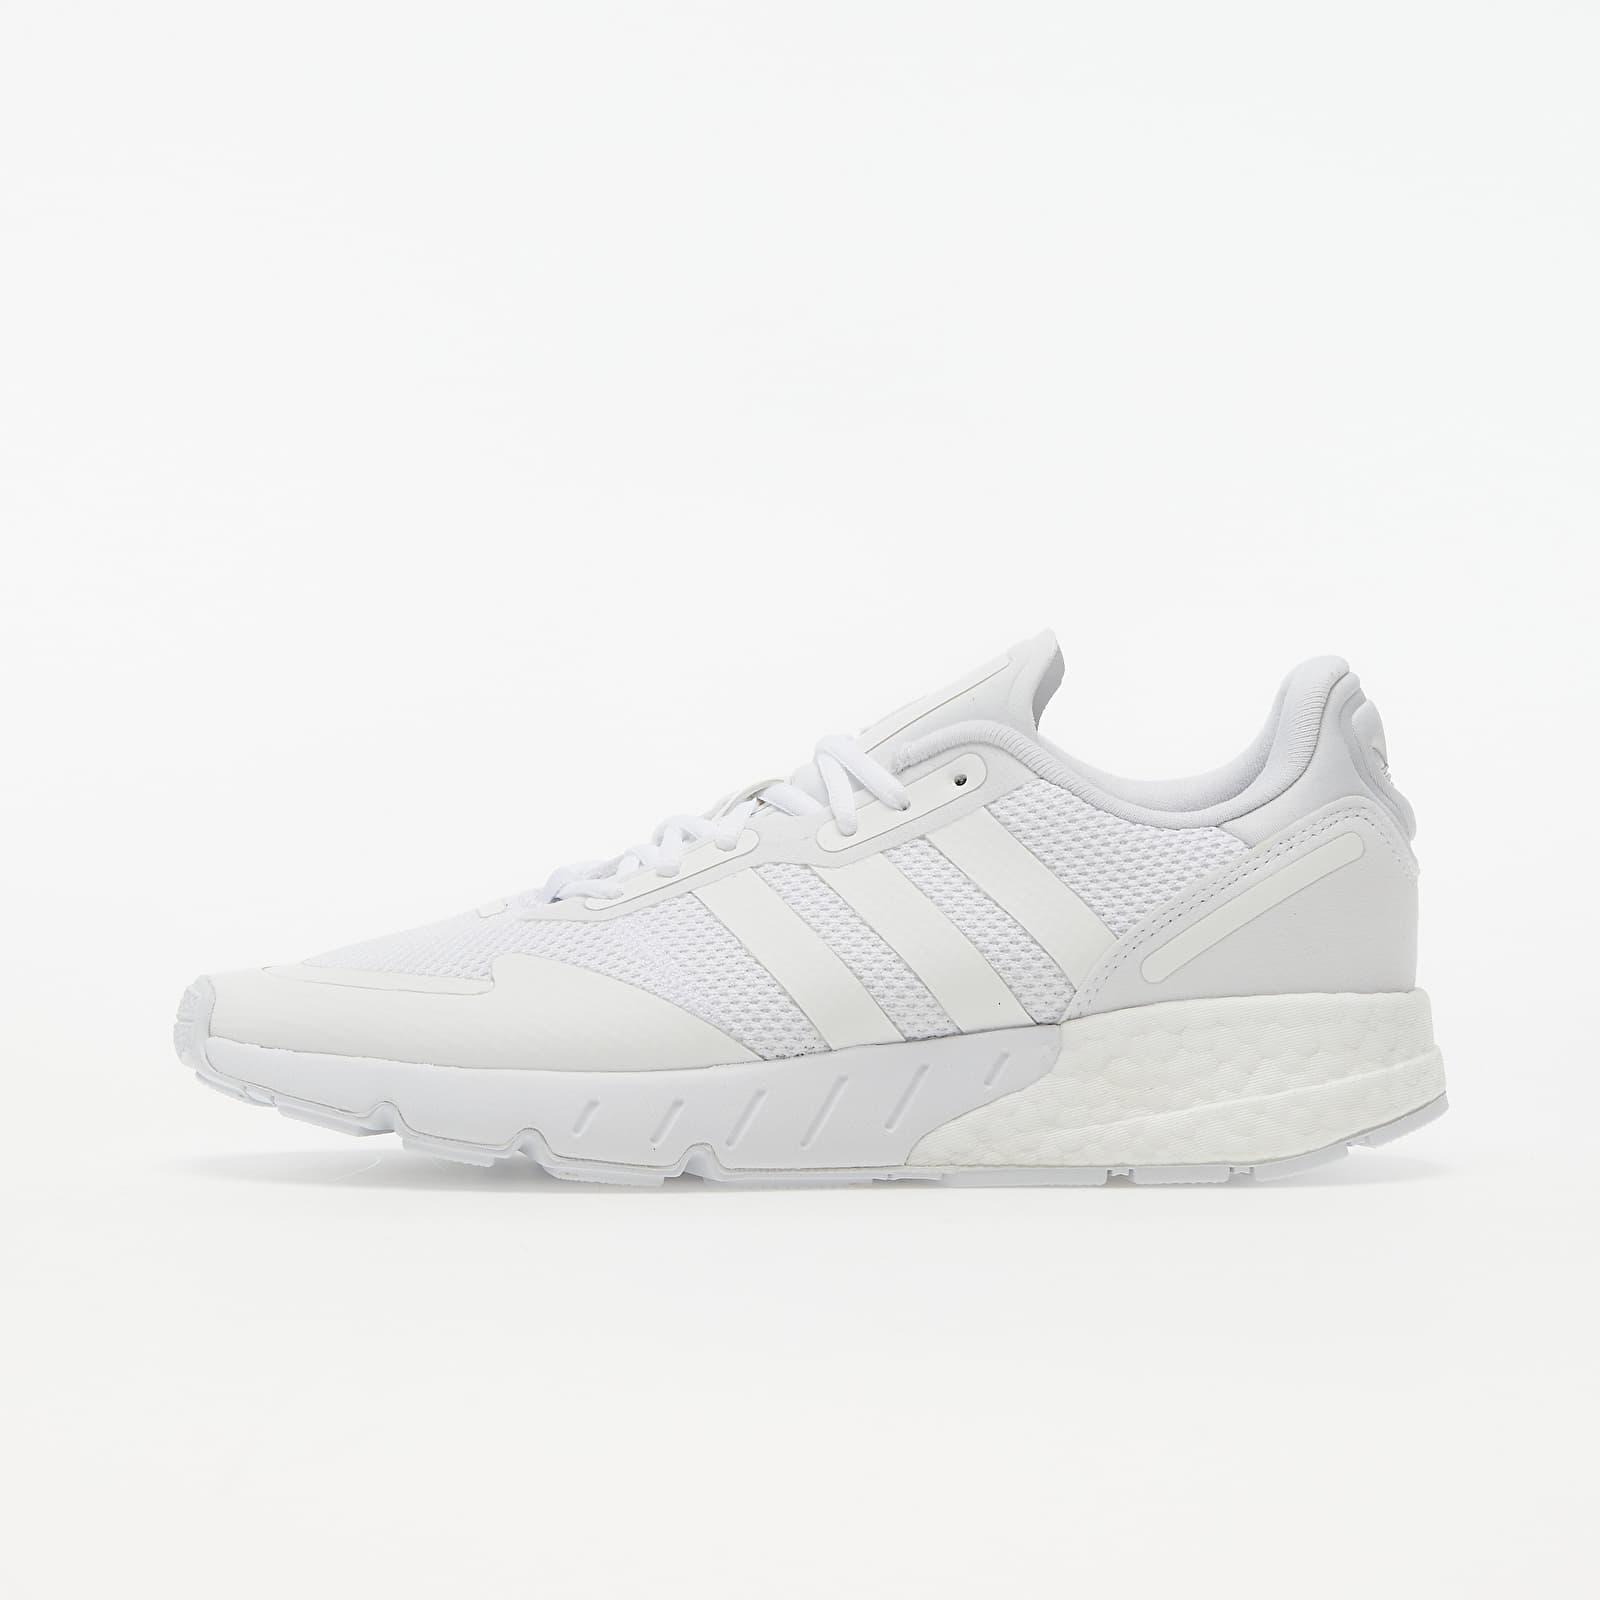 adidas ZX 1K BOOST Ftwr White/ Ftwr White/ Ftwr White EUR 46